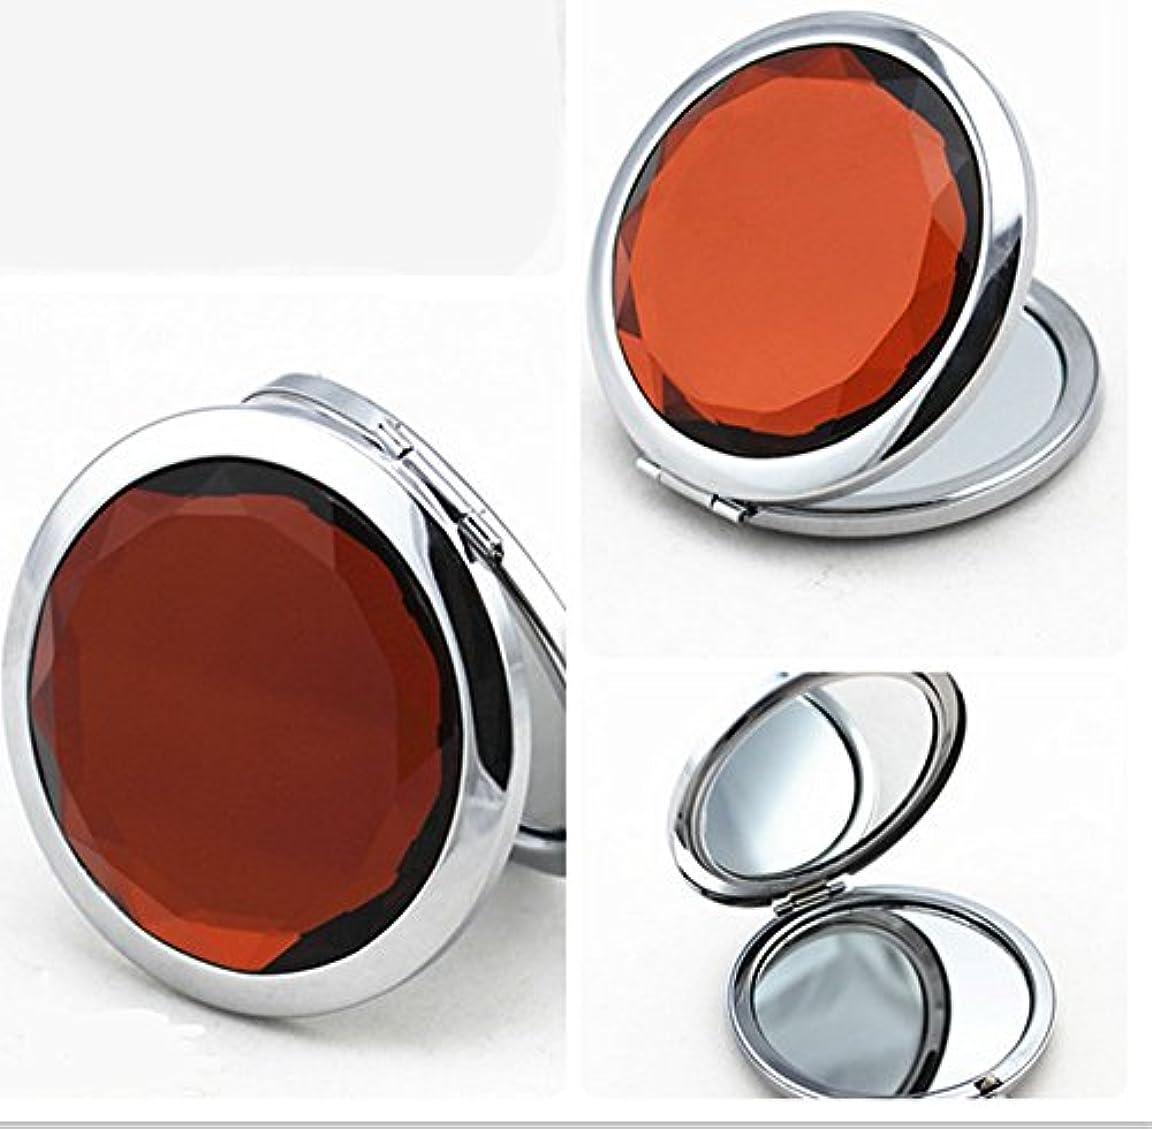 セーター上陸昼食SHINA 宝石飾りのコンパクトミラー クリスタル調化粧鏡拡大鏡付き 丸型の折りたたみ鏡 化粧箱入りミラー 手鏡 おしゃれの小物 (mirror-1-F)